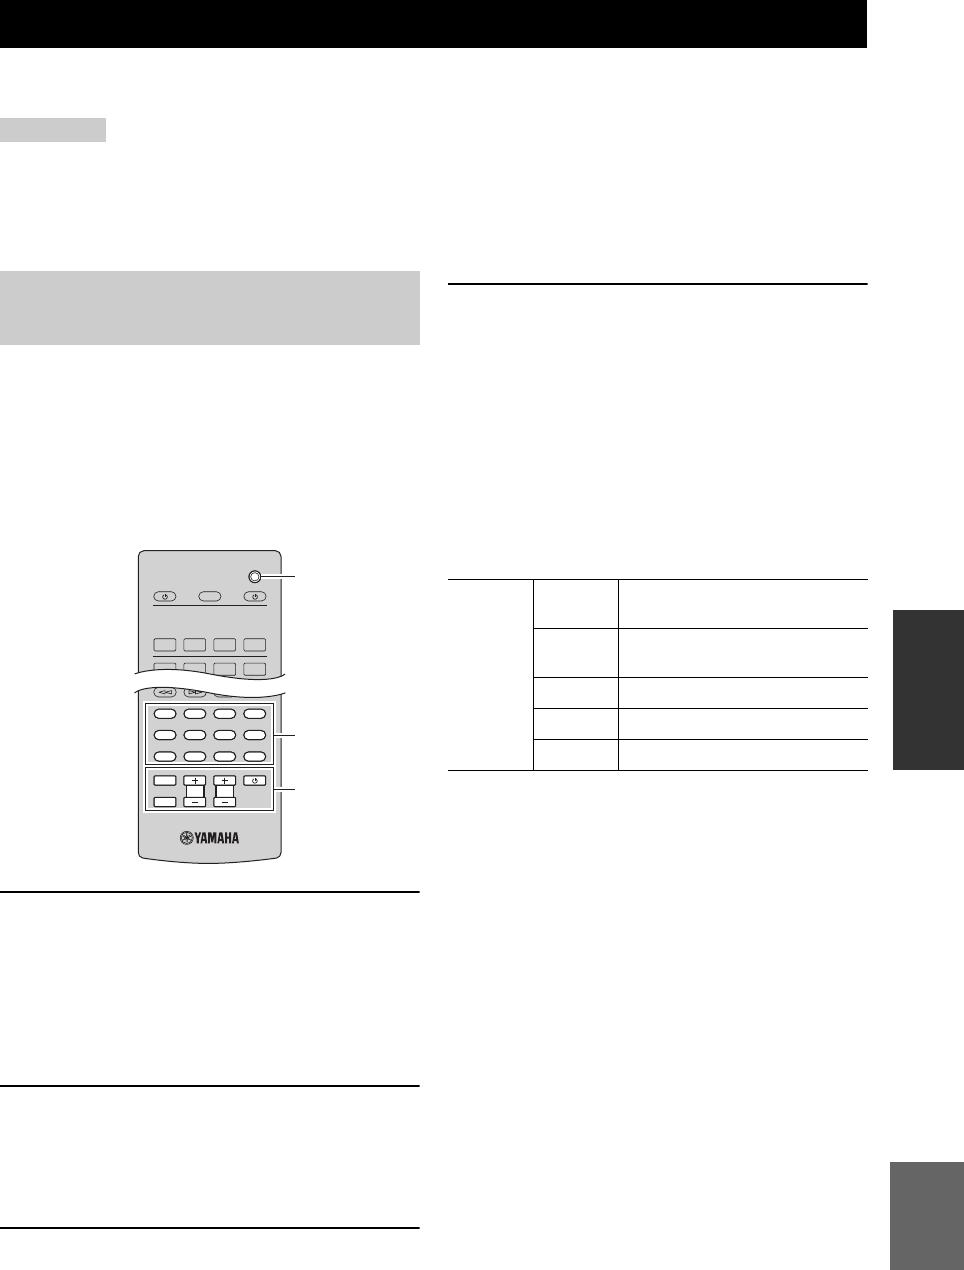 3 Pin Secteur Britannique Top Plug 13 A 13 Amp appareil Prise De Courant Fusible Adaptateur HF1